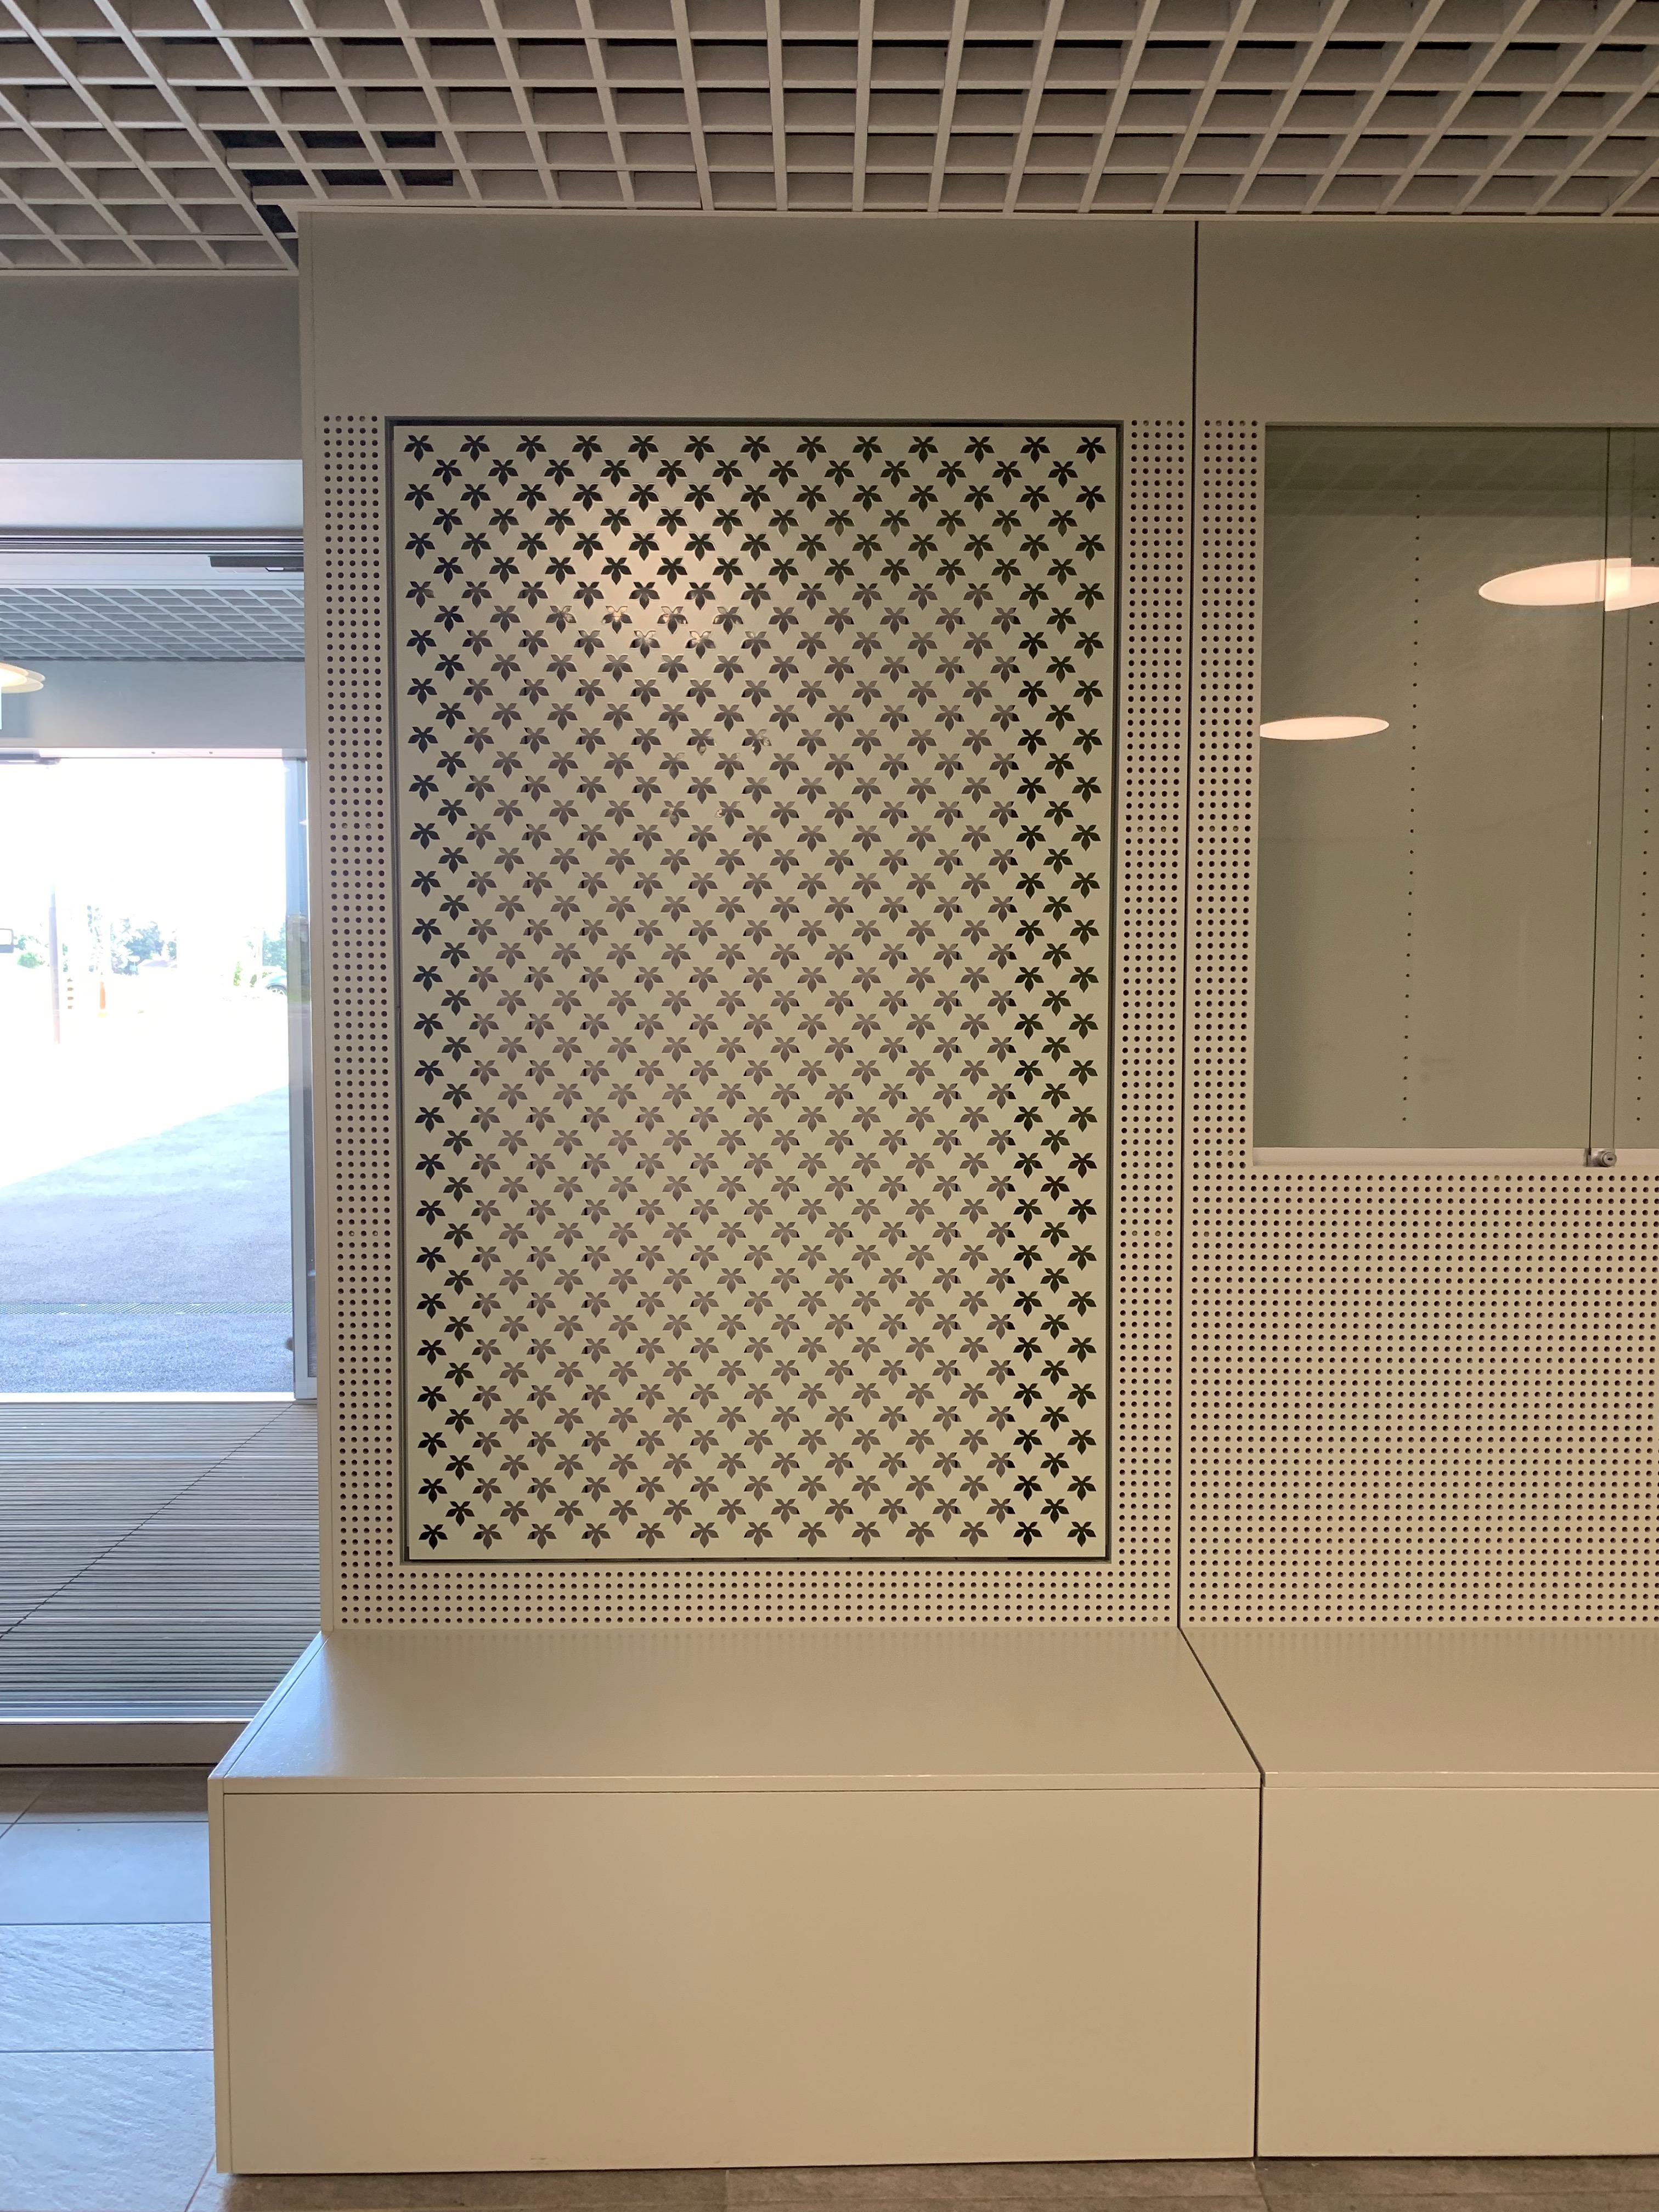 Hall d'accueil : détail du cache radiateur, du banc et d'une vitrine d'exposition.